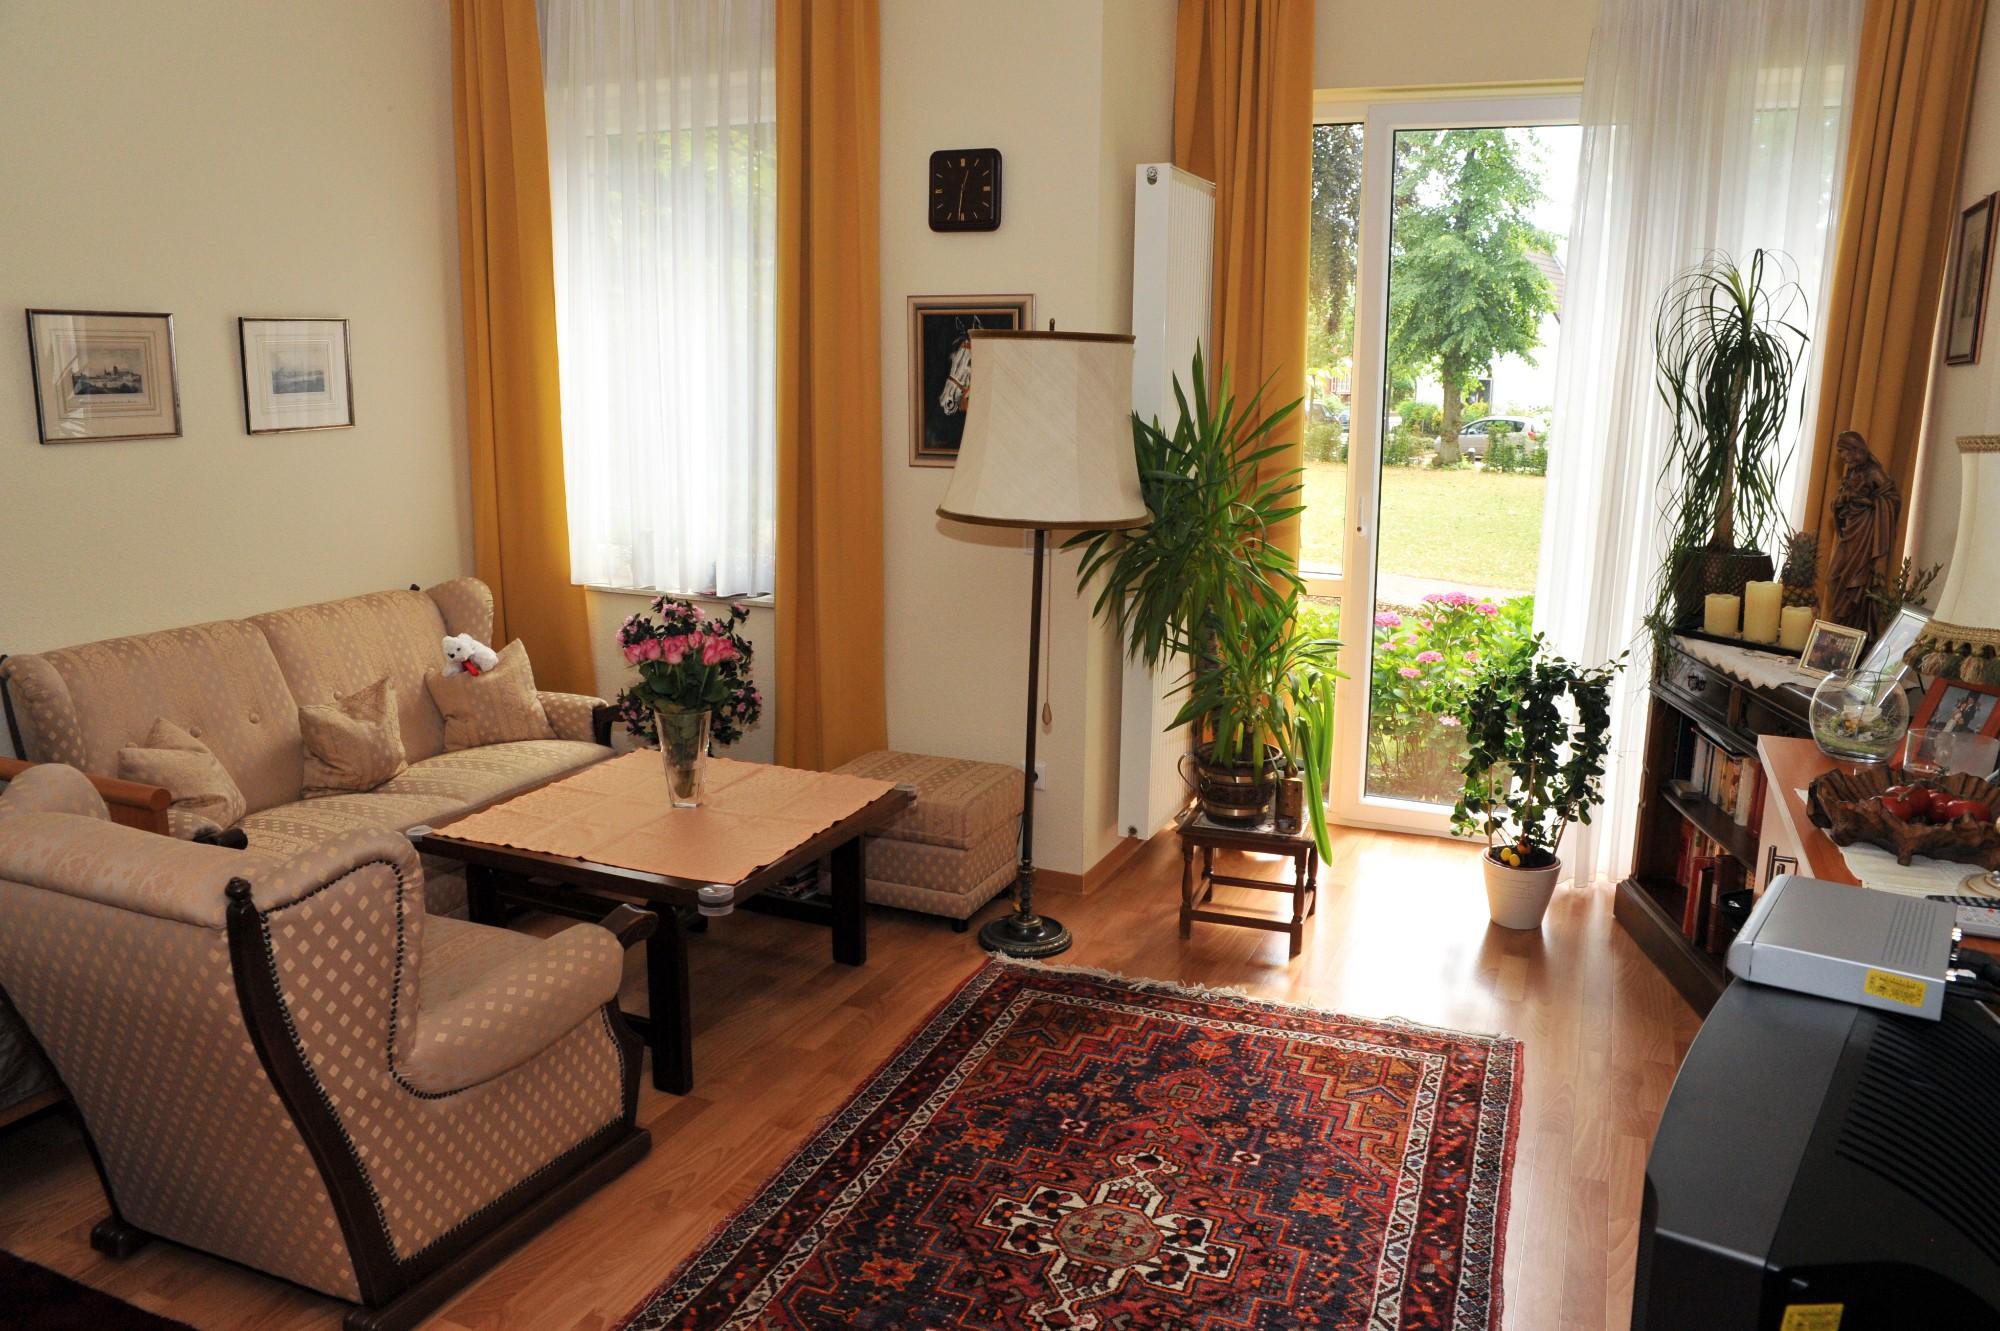 st elisabeth stift in kevelaer auf wohnen im. Black Bedroom Furniture Sets. Home Design Ideas